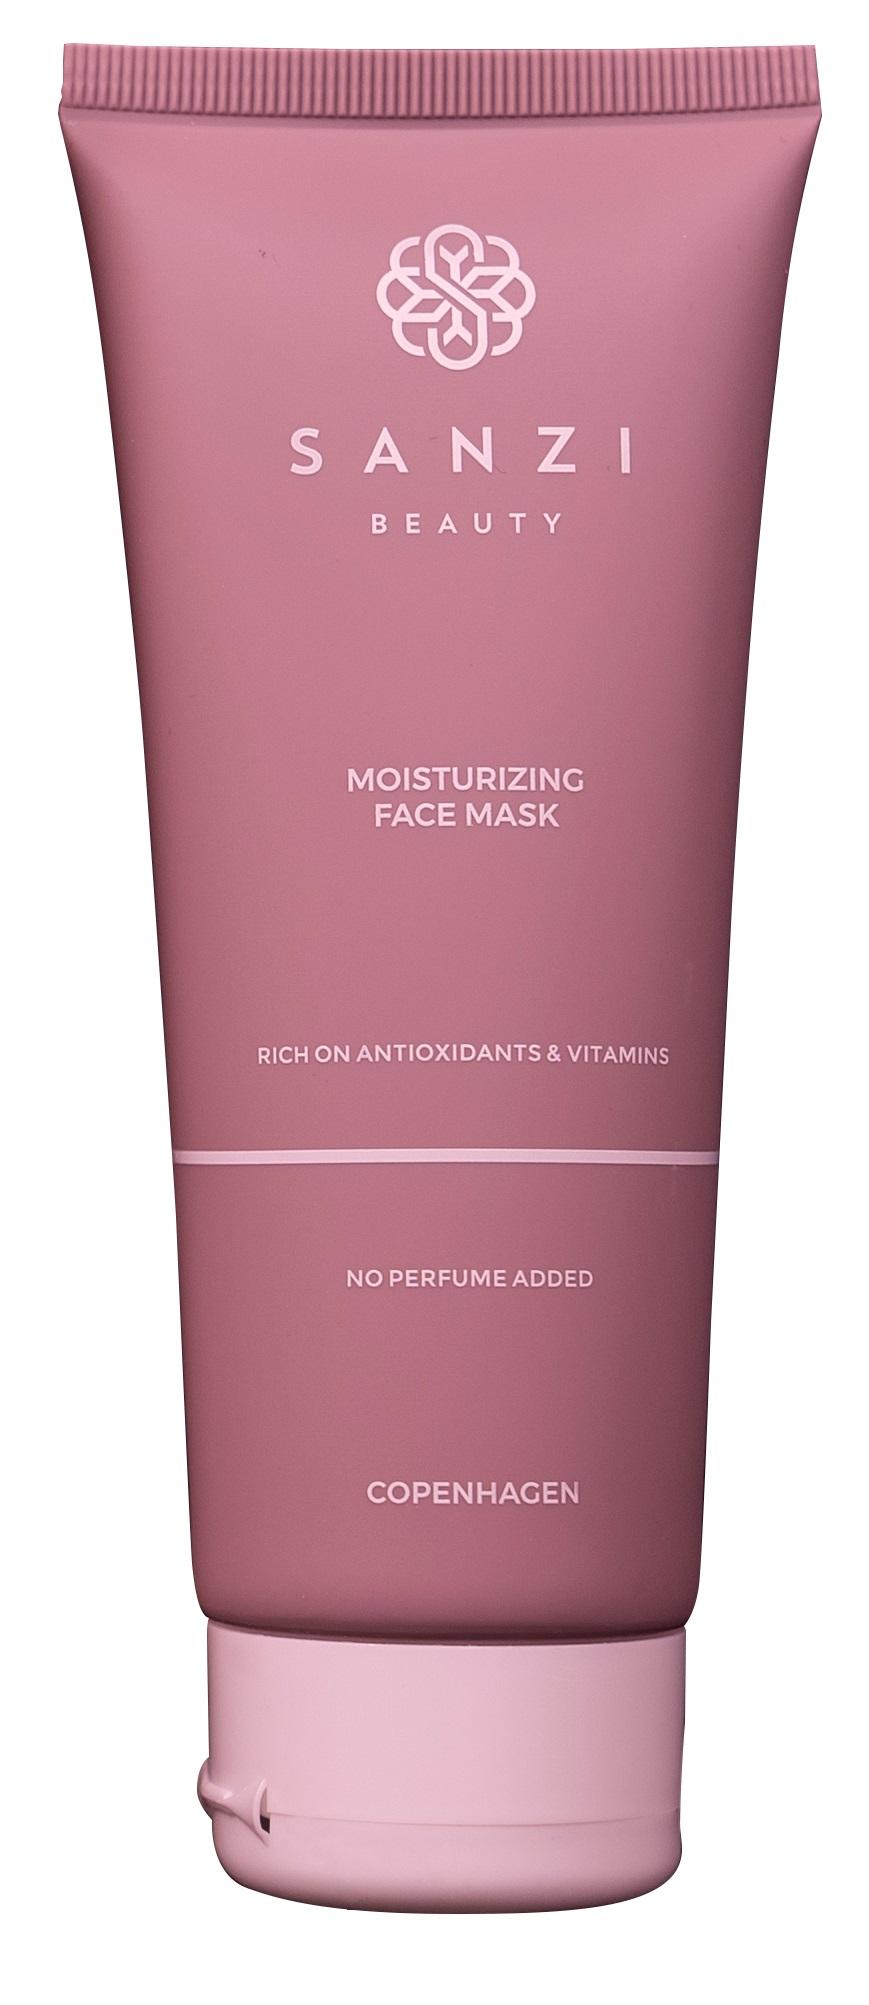 Sanzi Beauty - Moisturizing Face Mask 100 ml